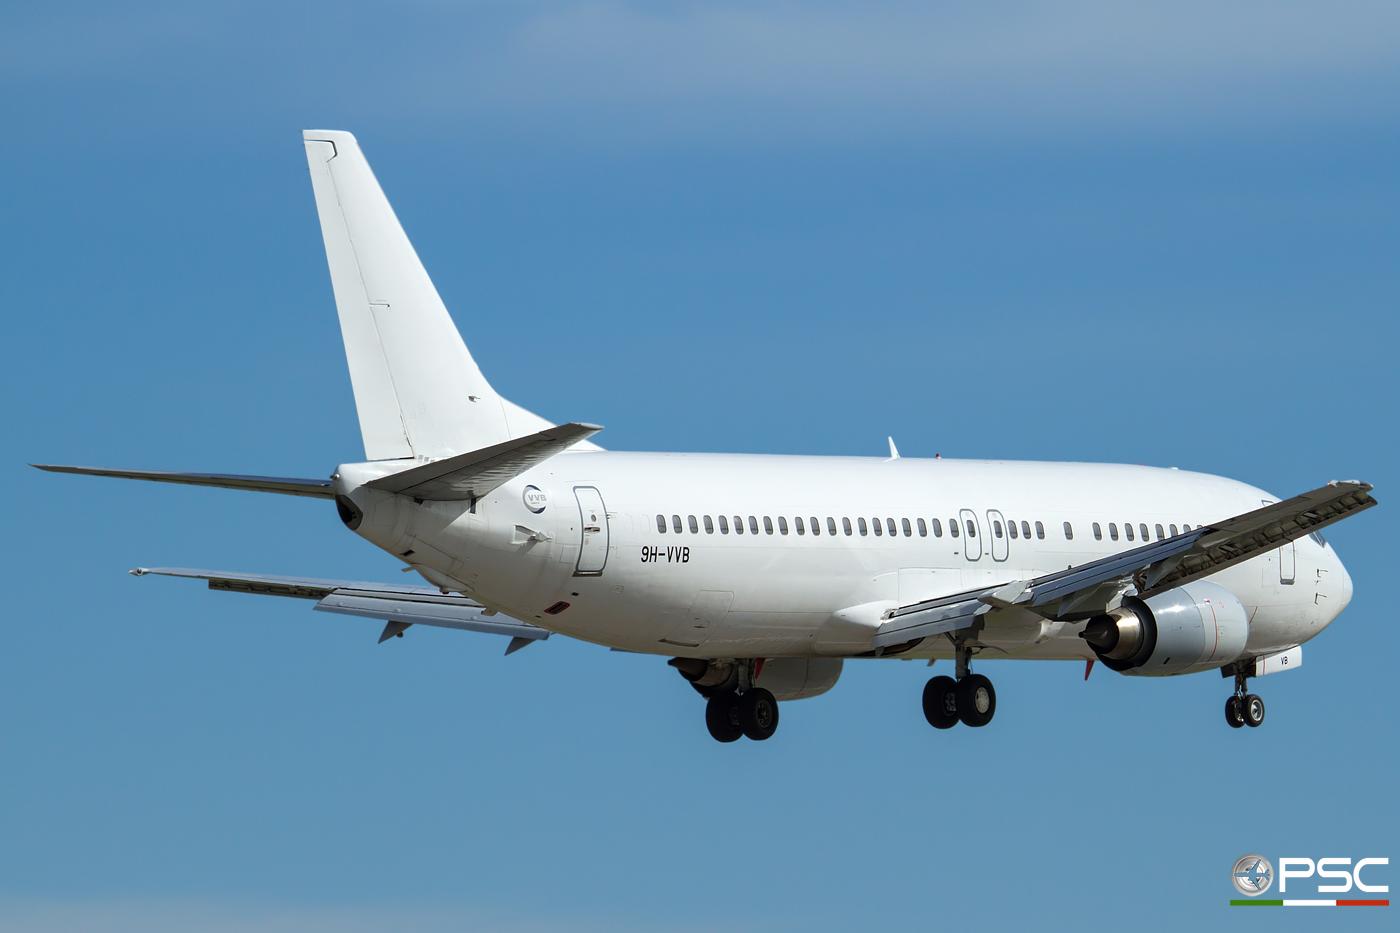 9H-VVB B737-4K5 24901/1854 VVB Aviation Malta